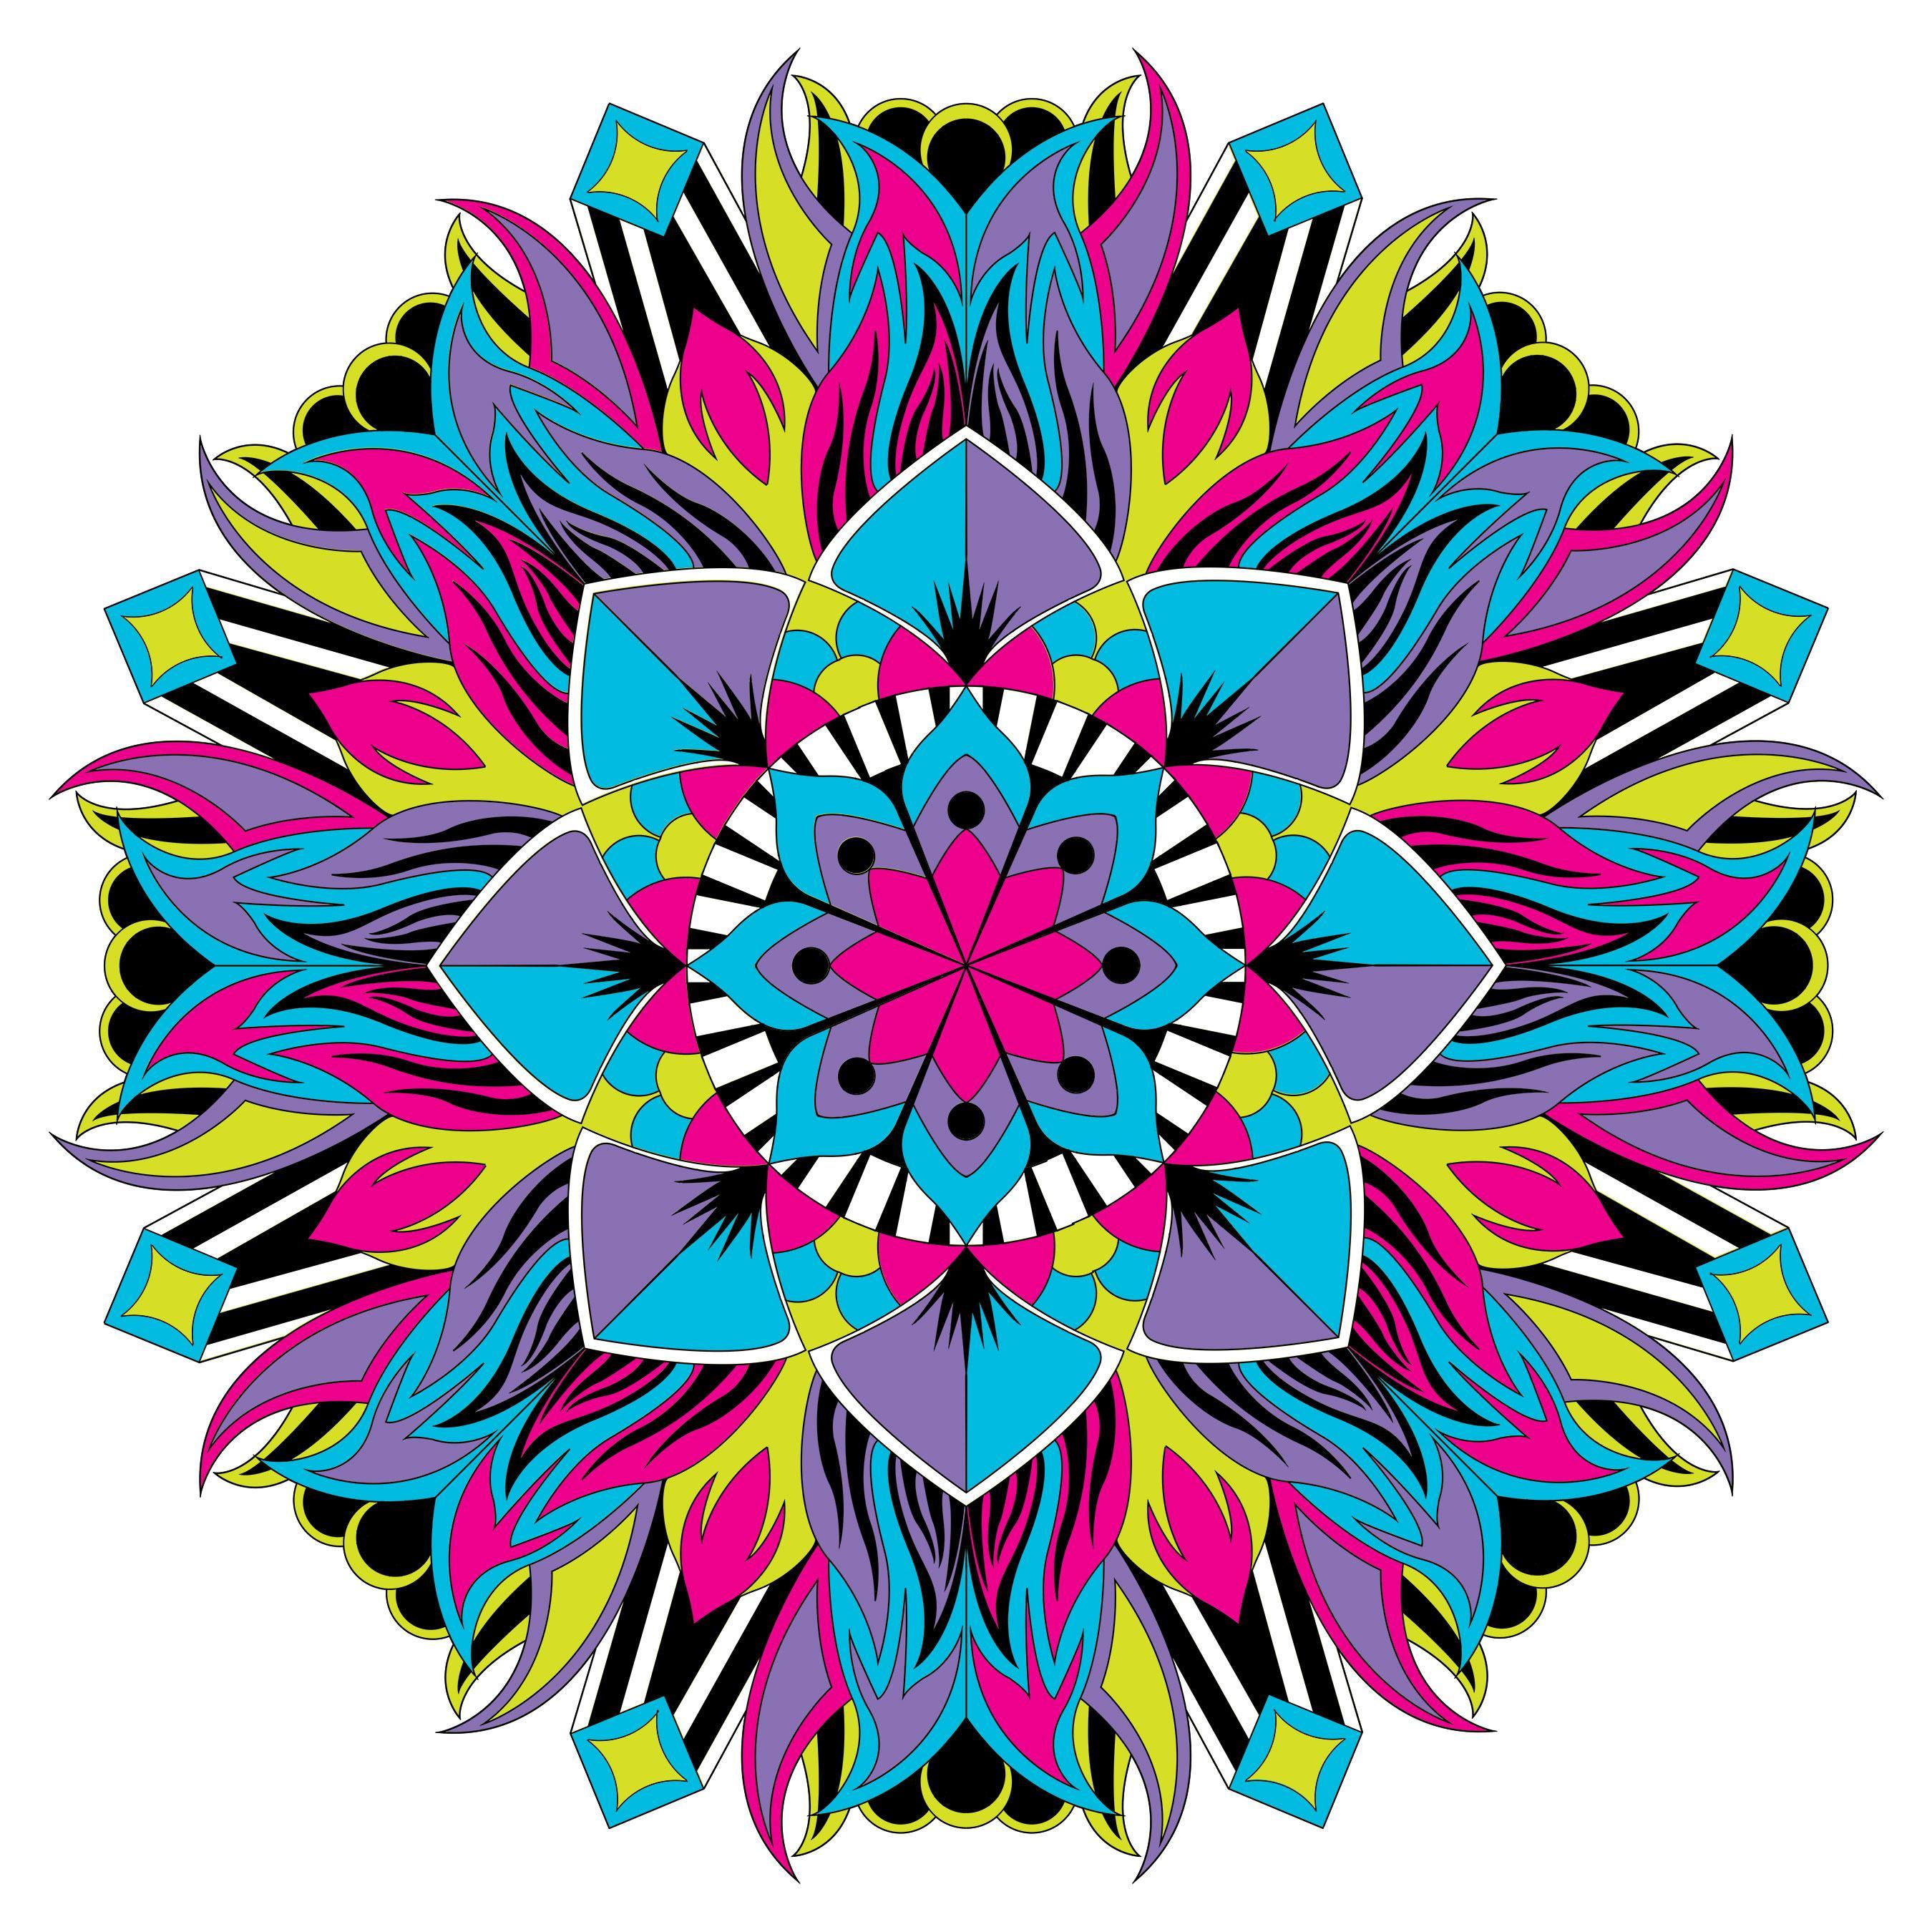 Ed Perez Mandala - image 4 - student project